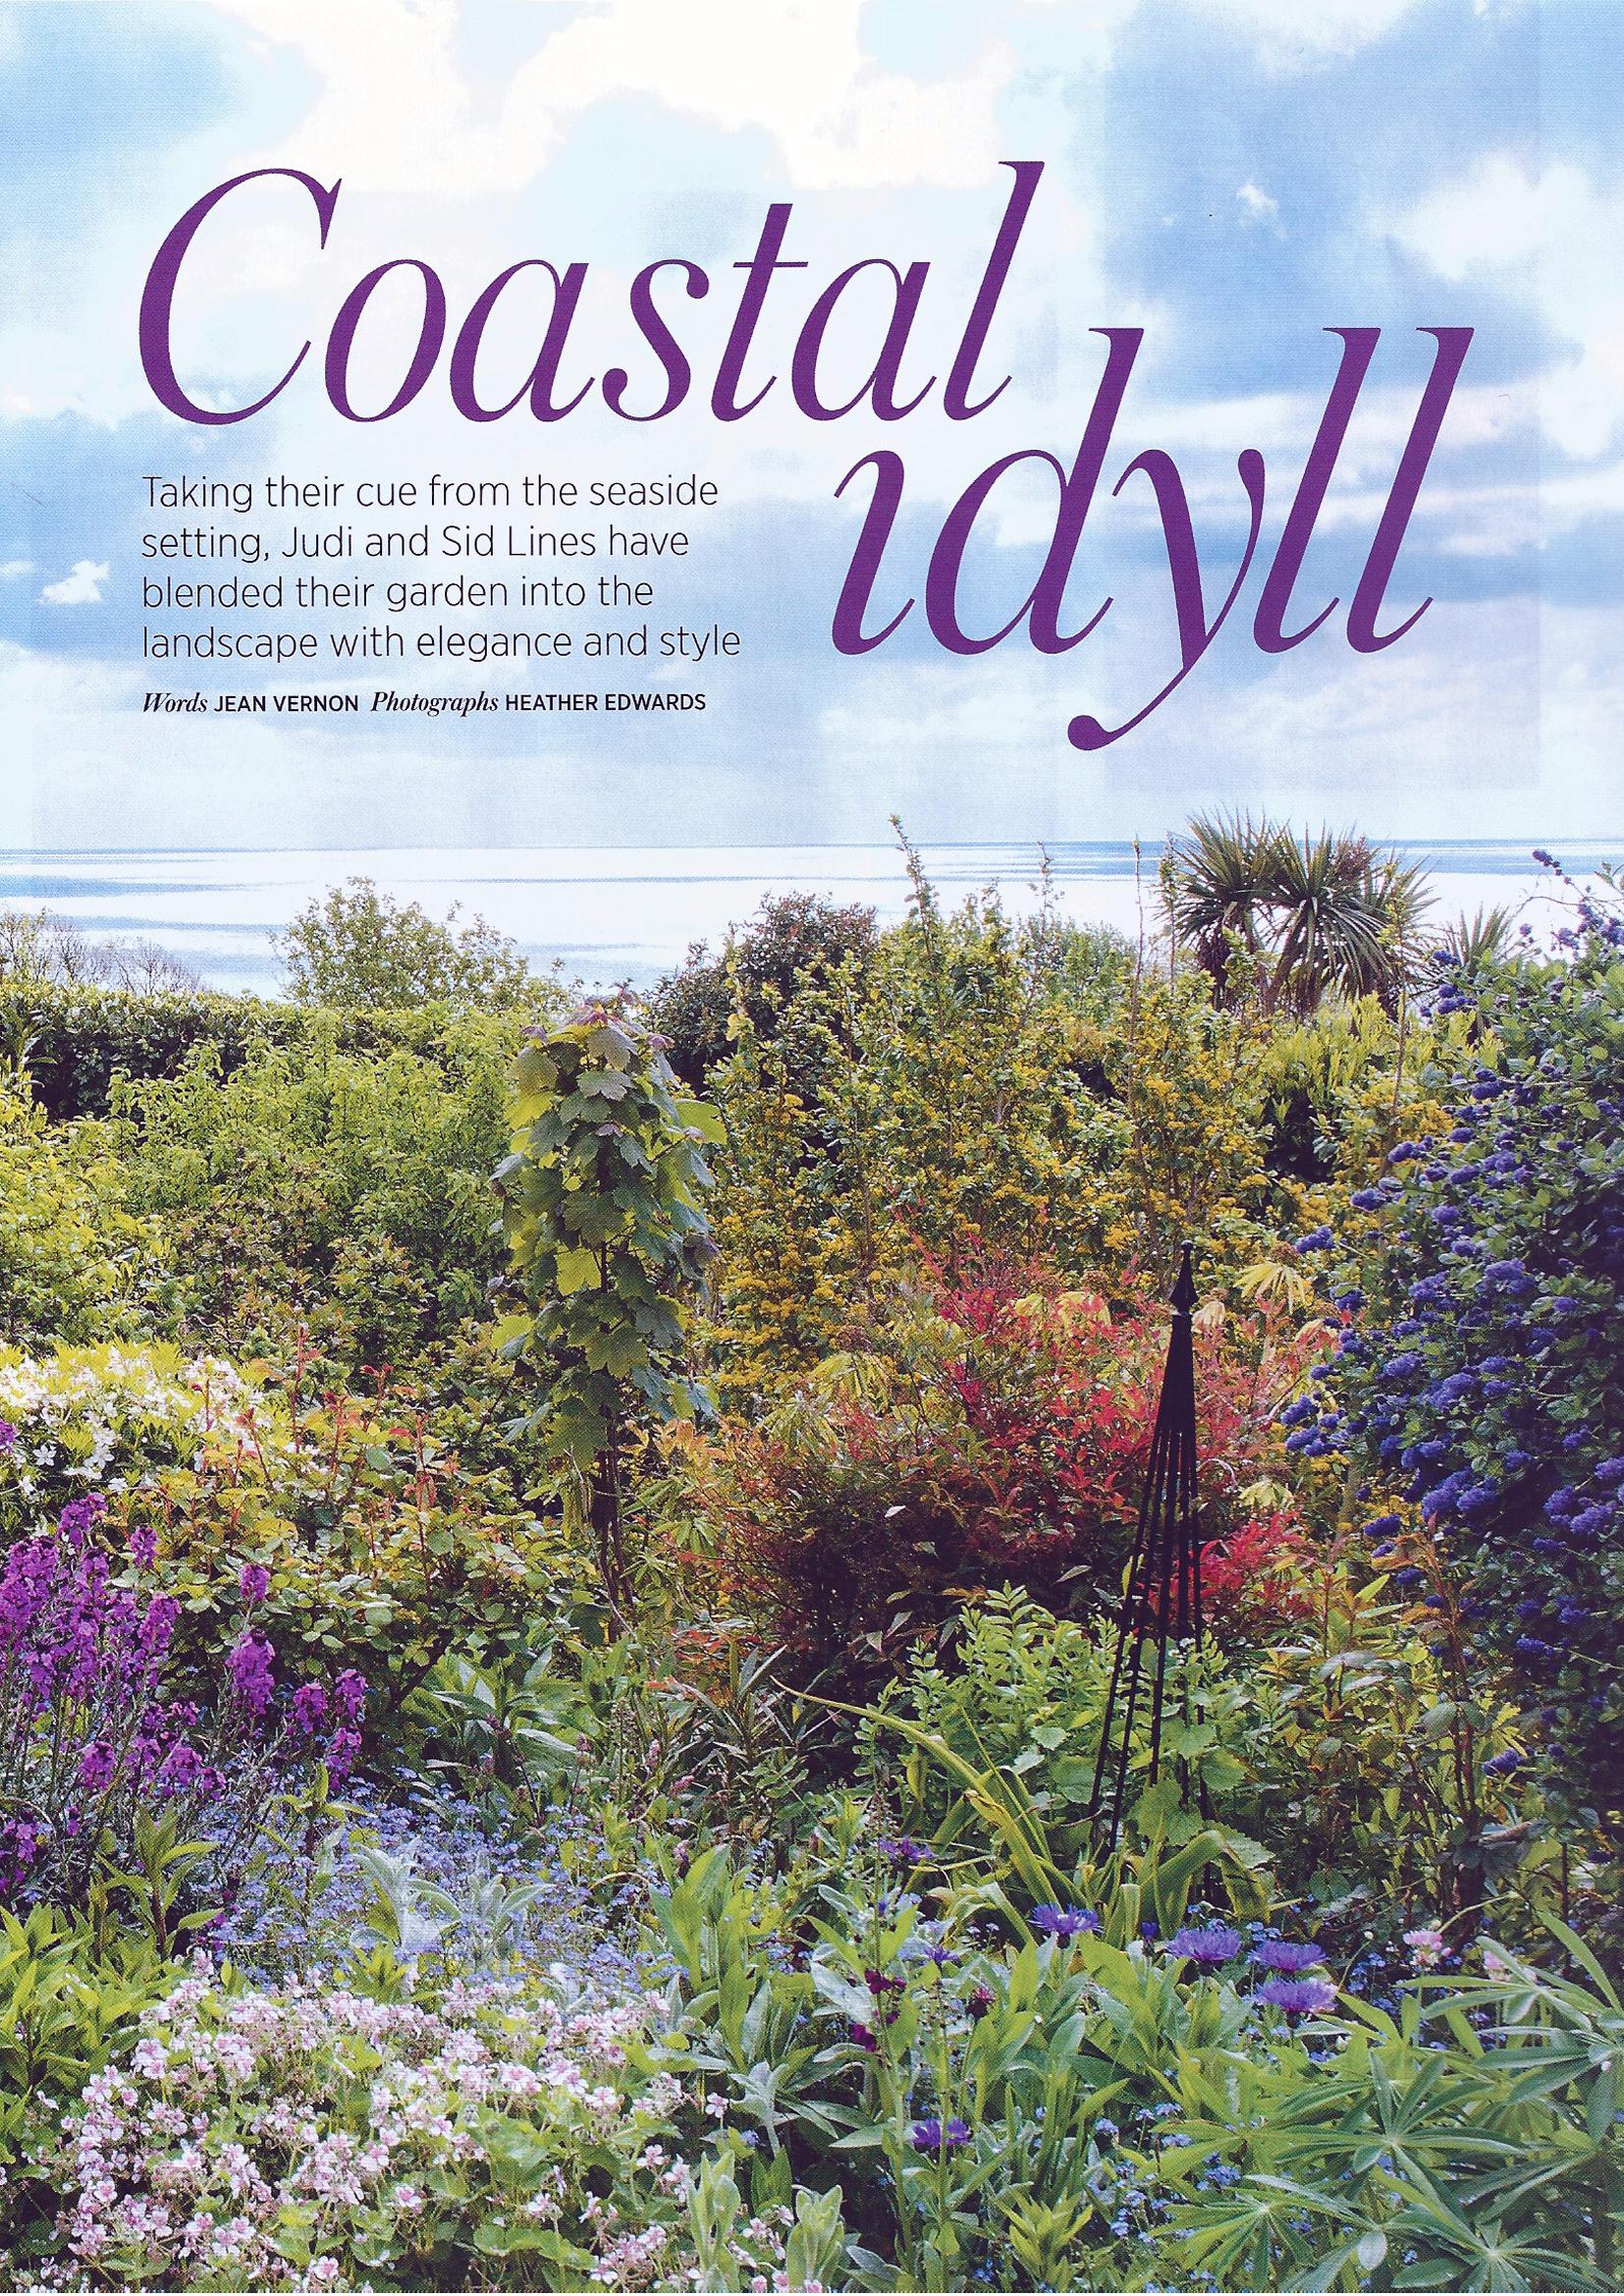 PL - Coastal Idyll - Aug16 - 2.jpg